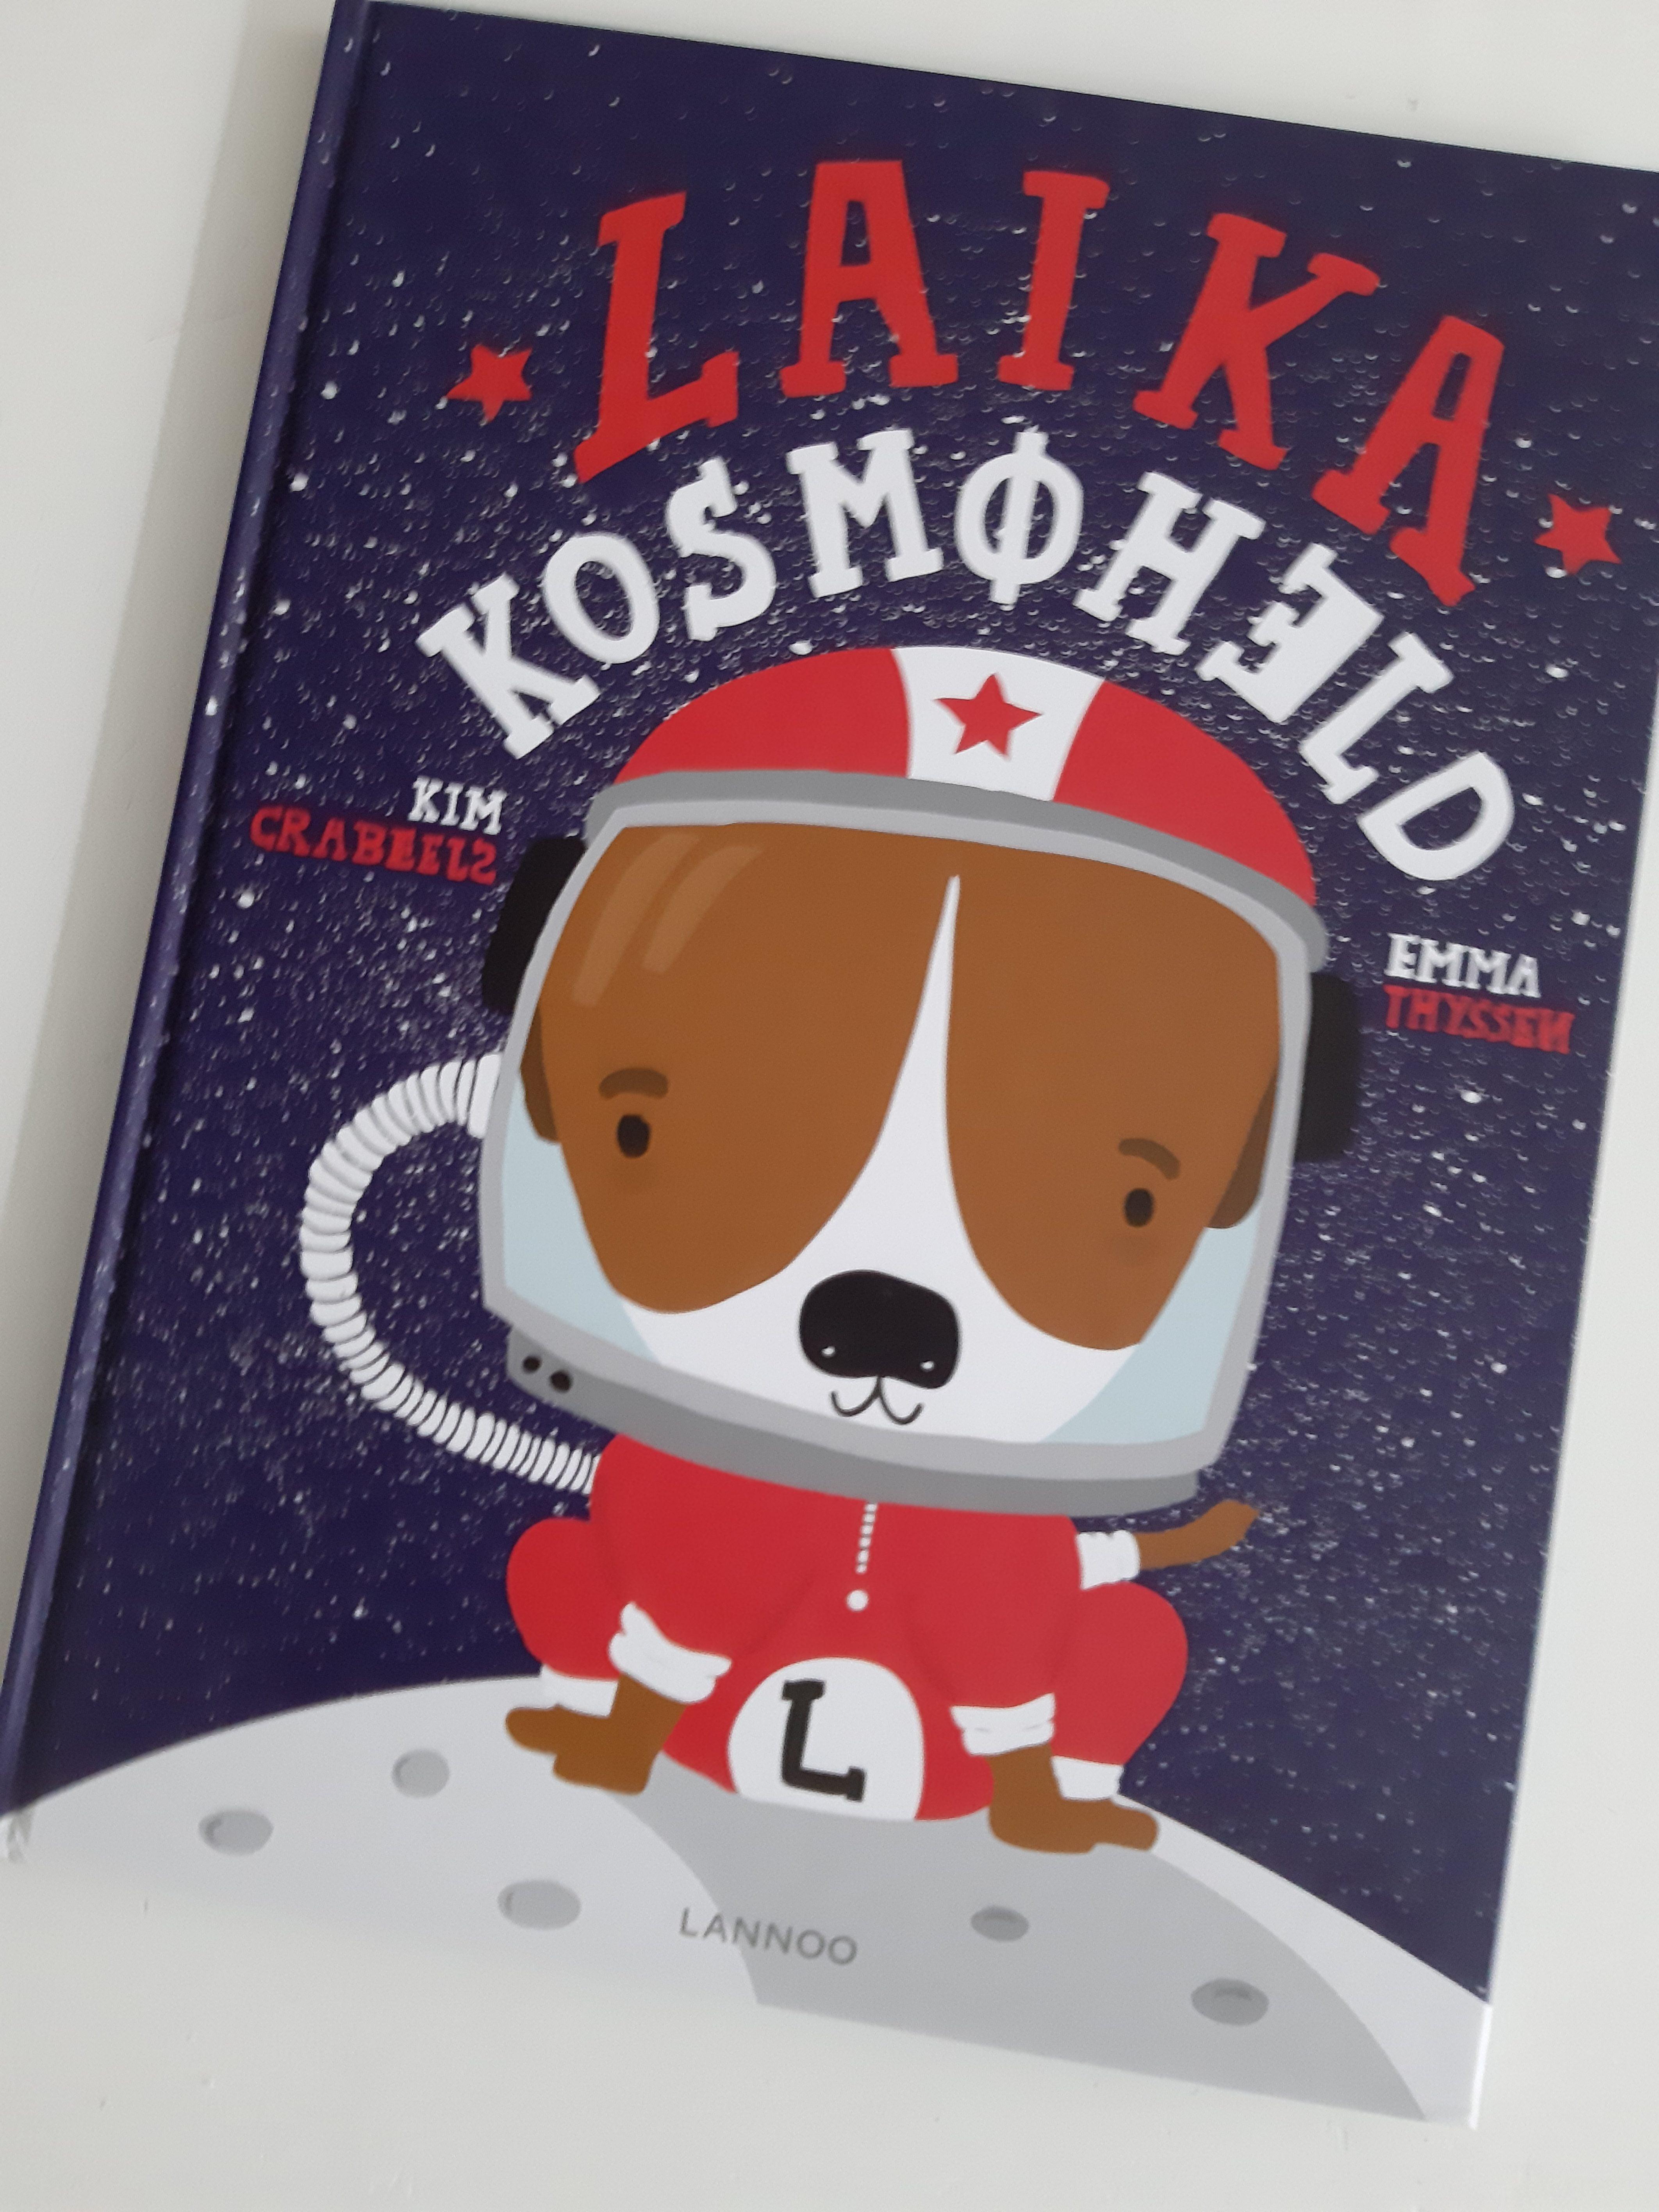 kinderboeken recensie moedersnu moedertjelief zulutions Laika